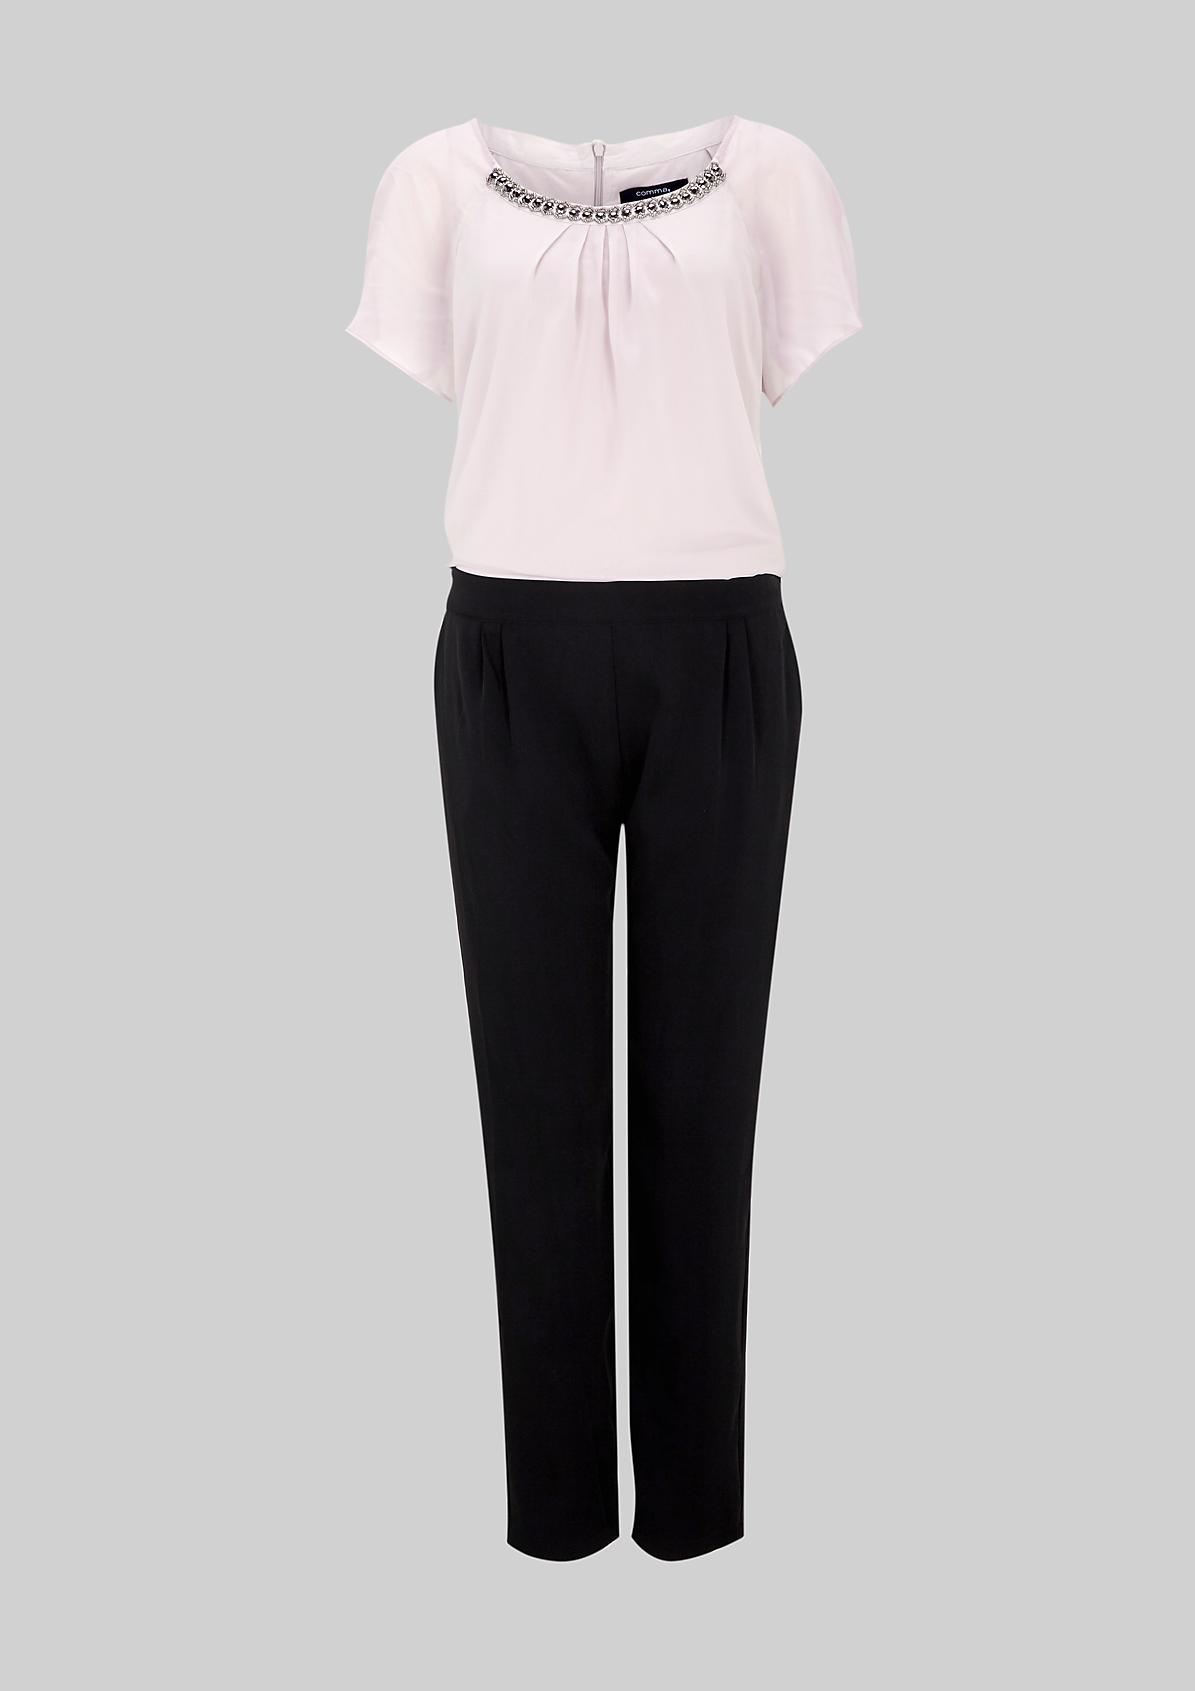 Eleganter Jumpsuit mit dekorativen Schmucksteinverzierungen